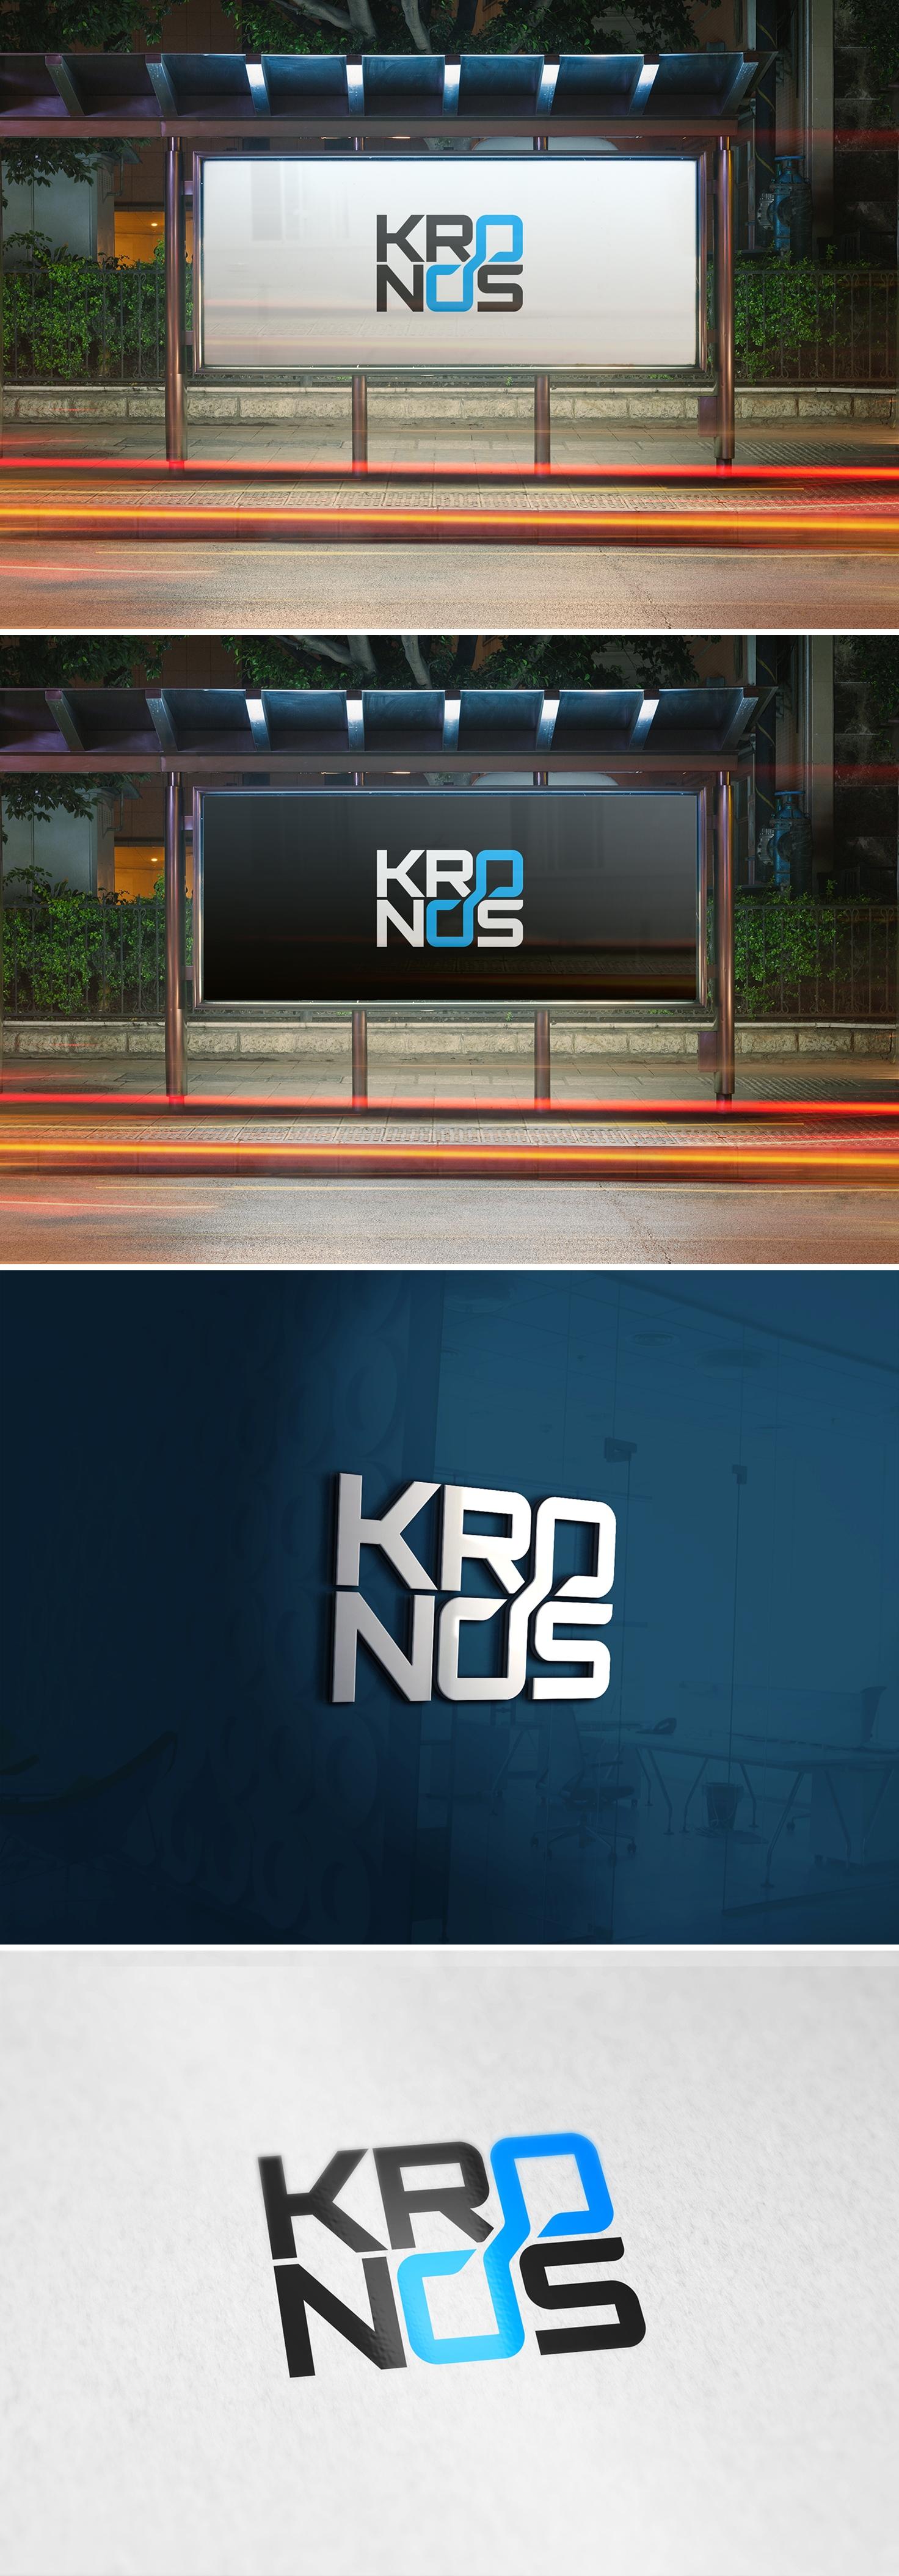 Разработать логотип KRONOS фото f_6765faf96ea8e79f.jpg